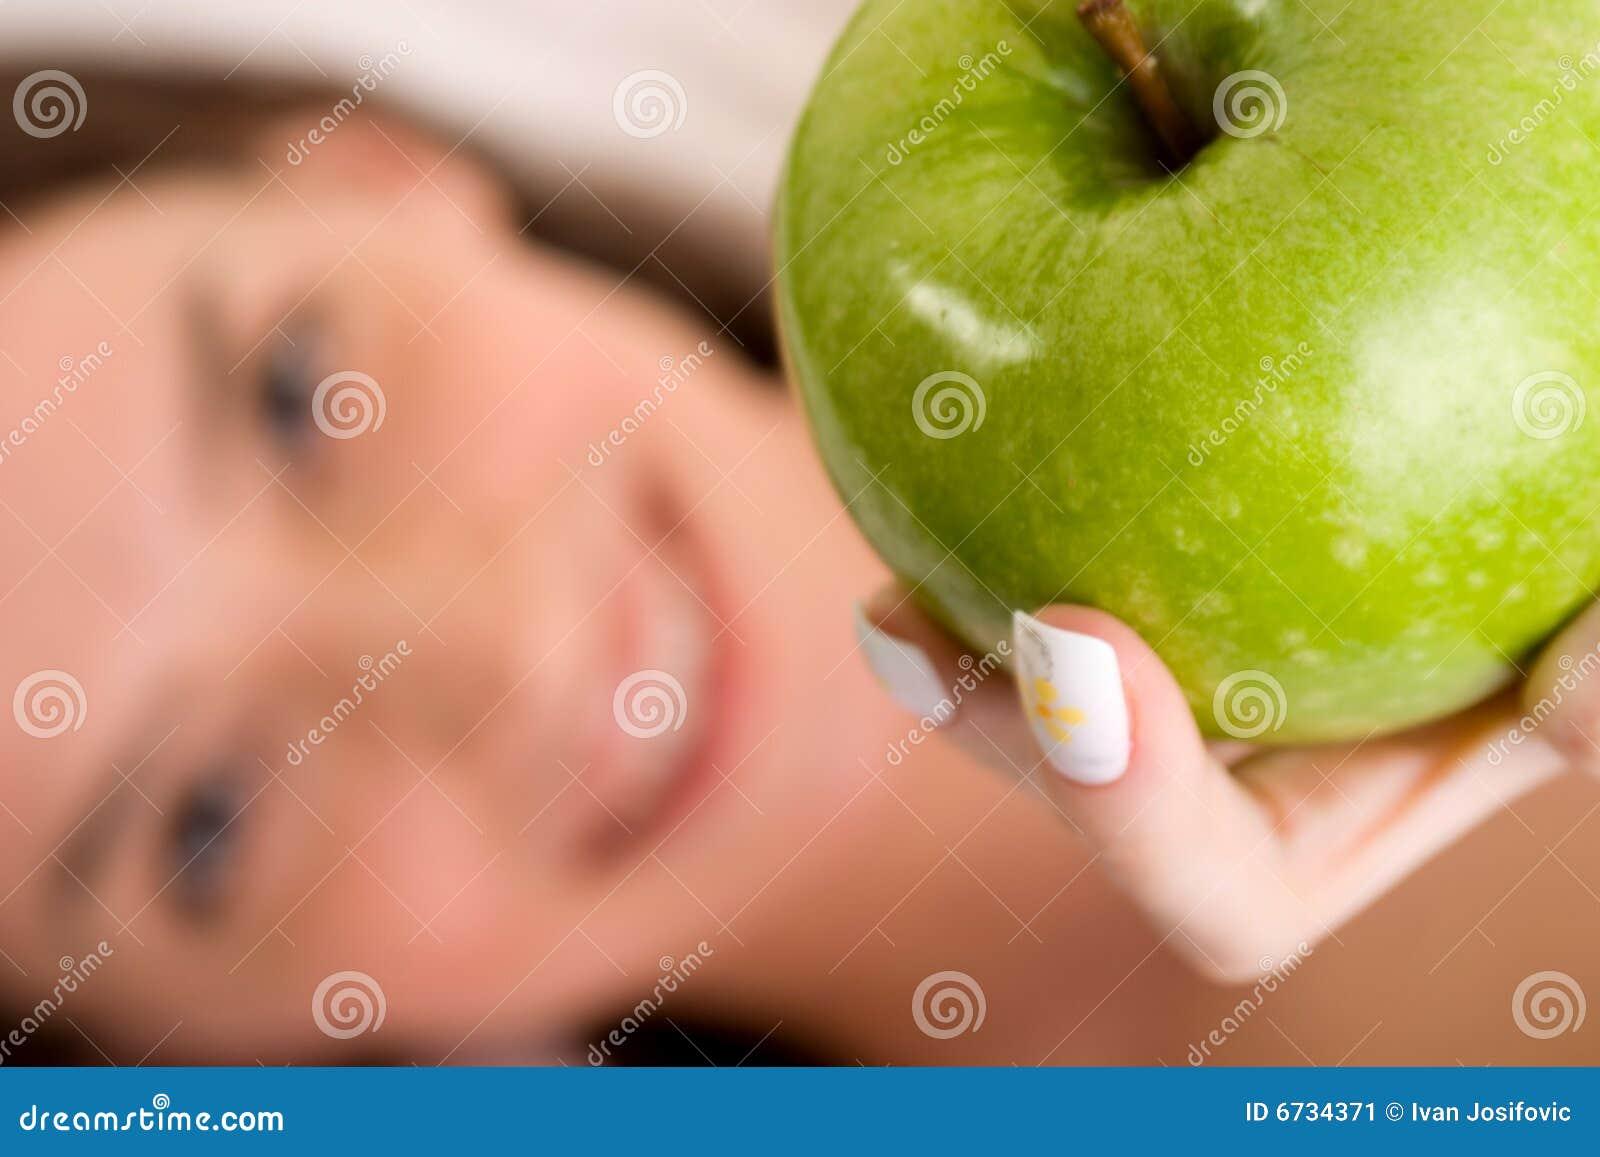 Salud y belleza